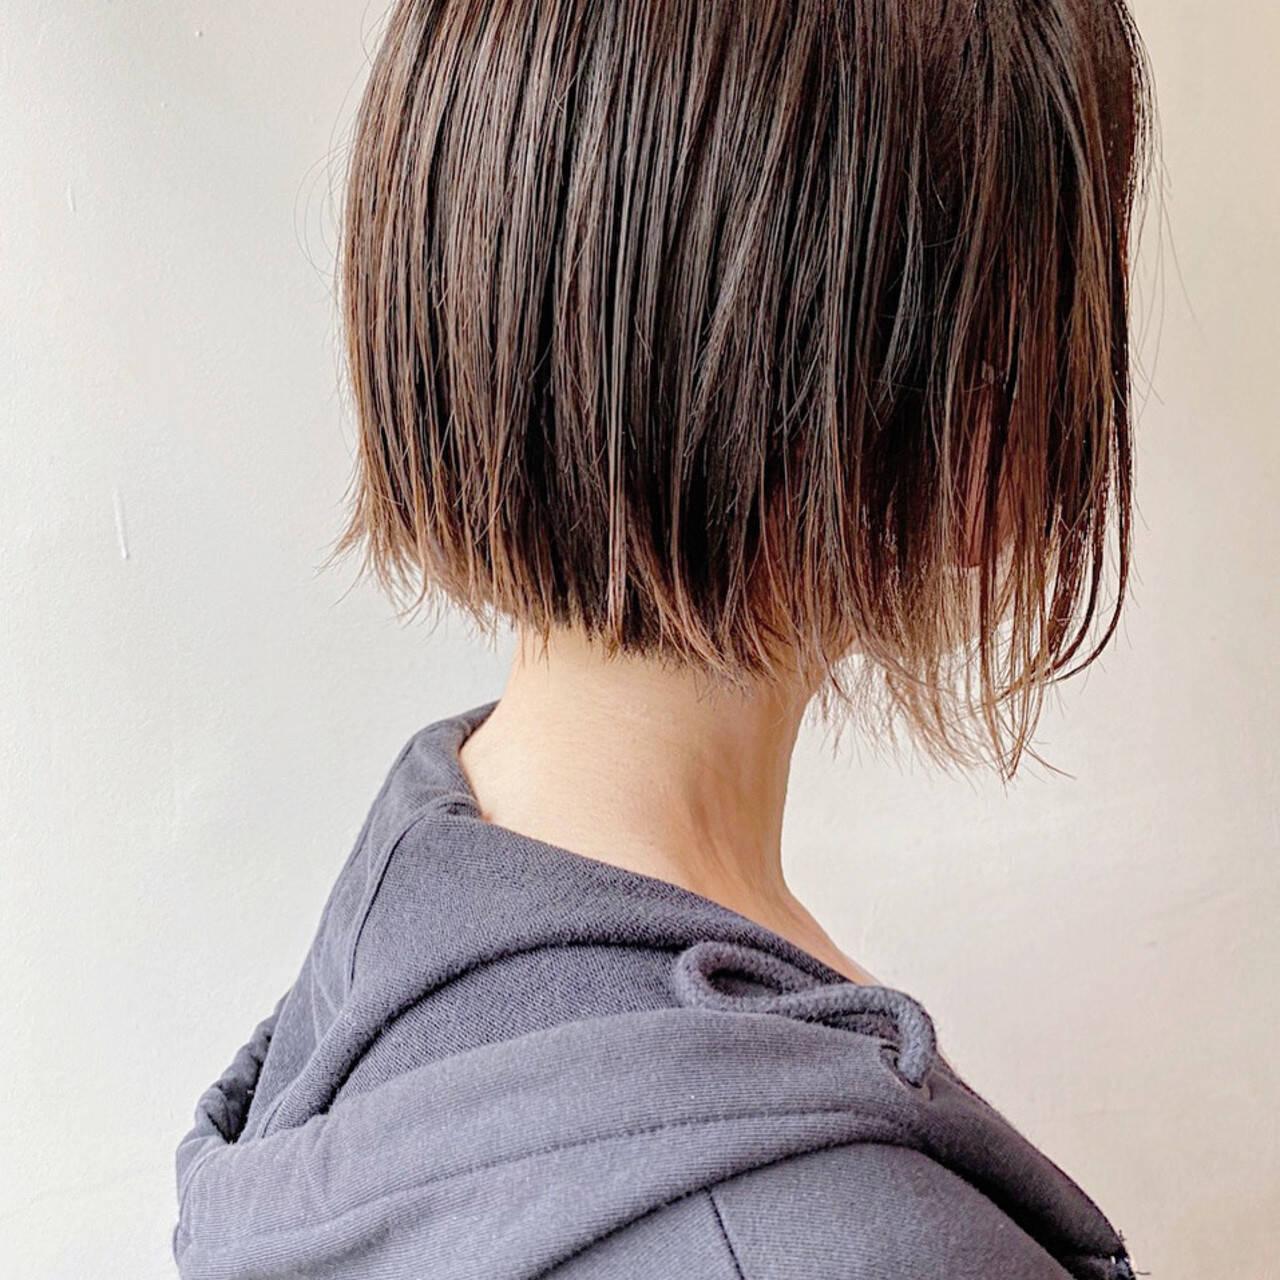 外ハネボブ ナチュラル 切りっぱなしボブ ボブヘアスタイルや髪型の写真・画像